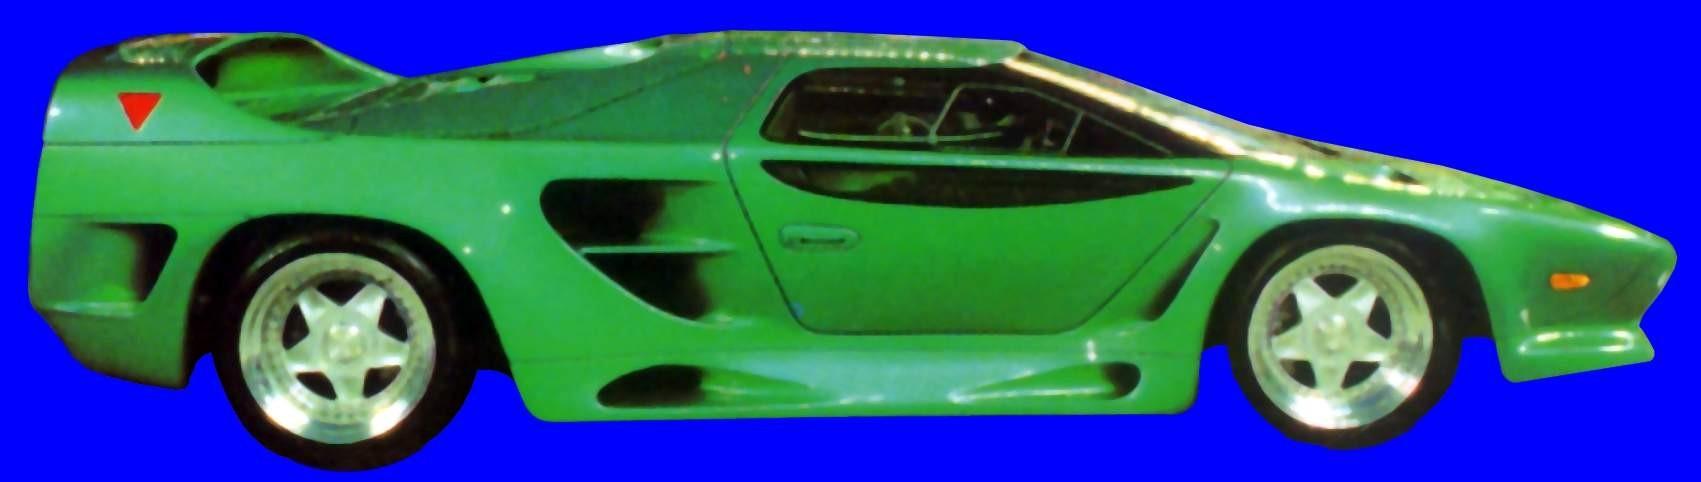 汽车贴图材质叁柒二3dmax材质